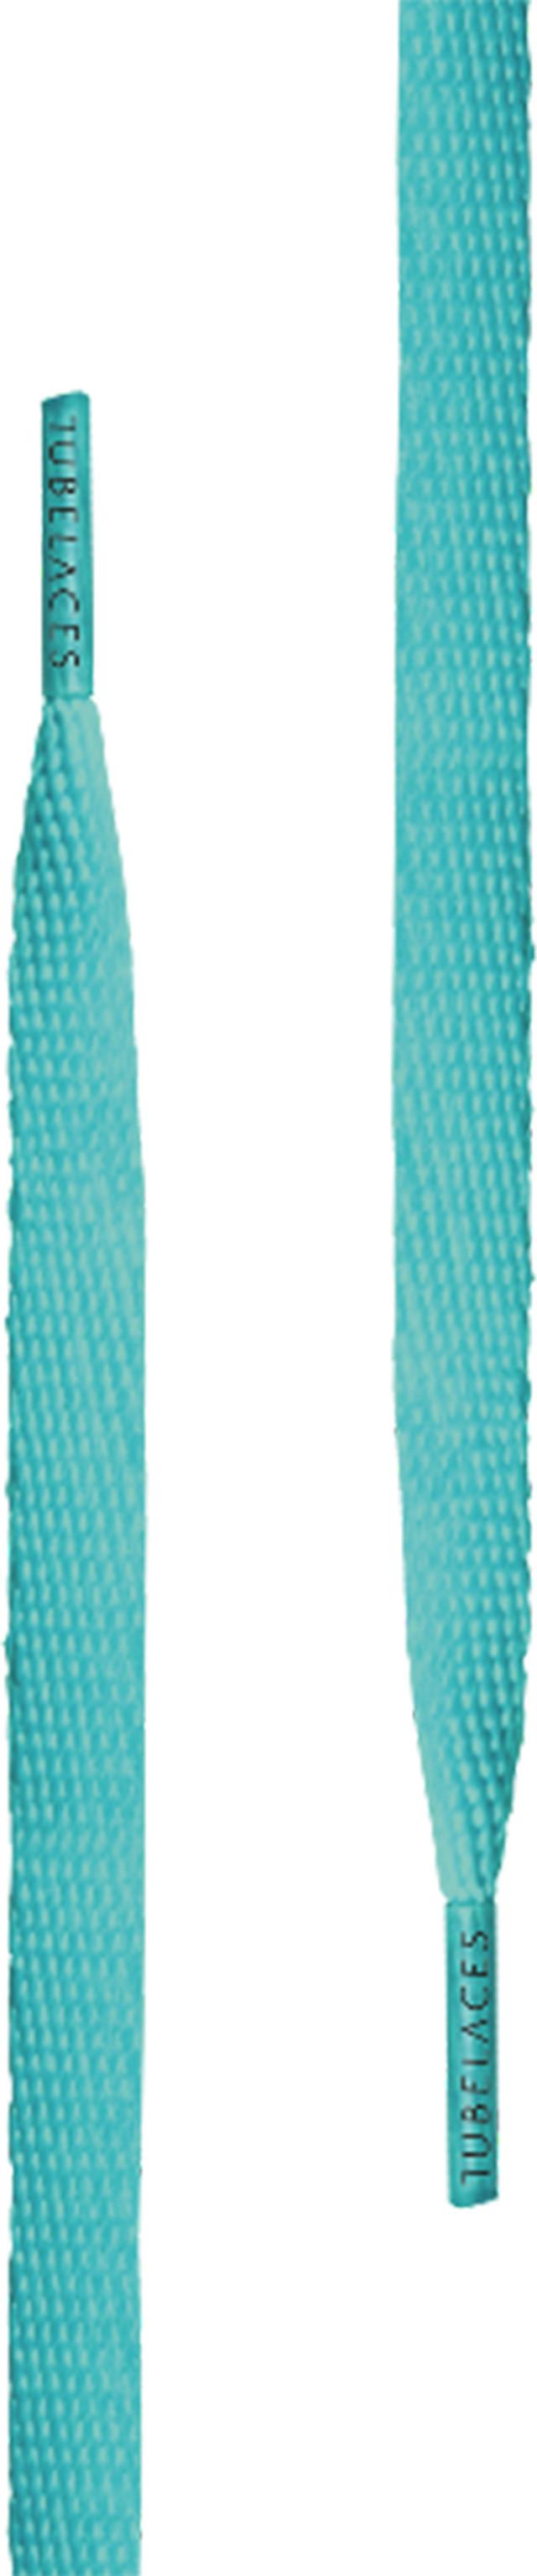 TubeLaces Silver Flat Aquarius 120 cm 10153